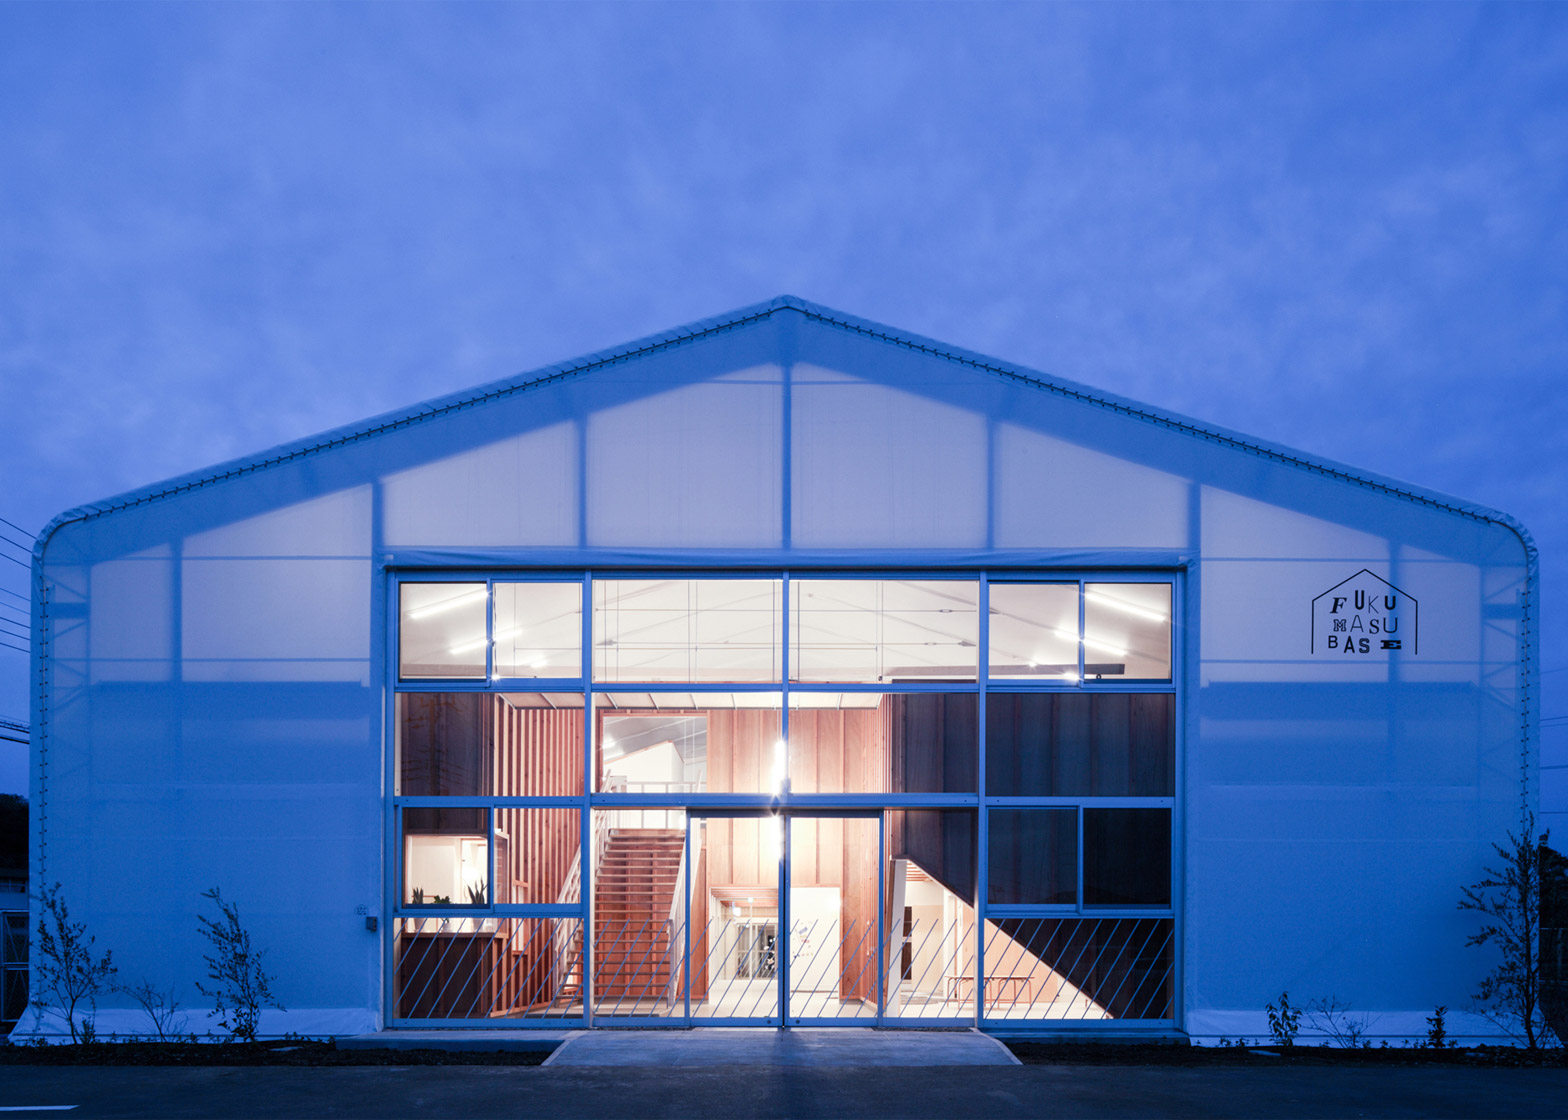 Yasutaka Yoshimura transforms warehouse into Fukumasu kindergarten